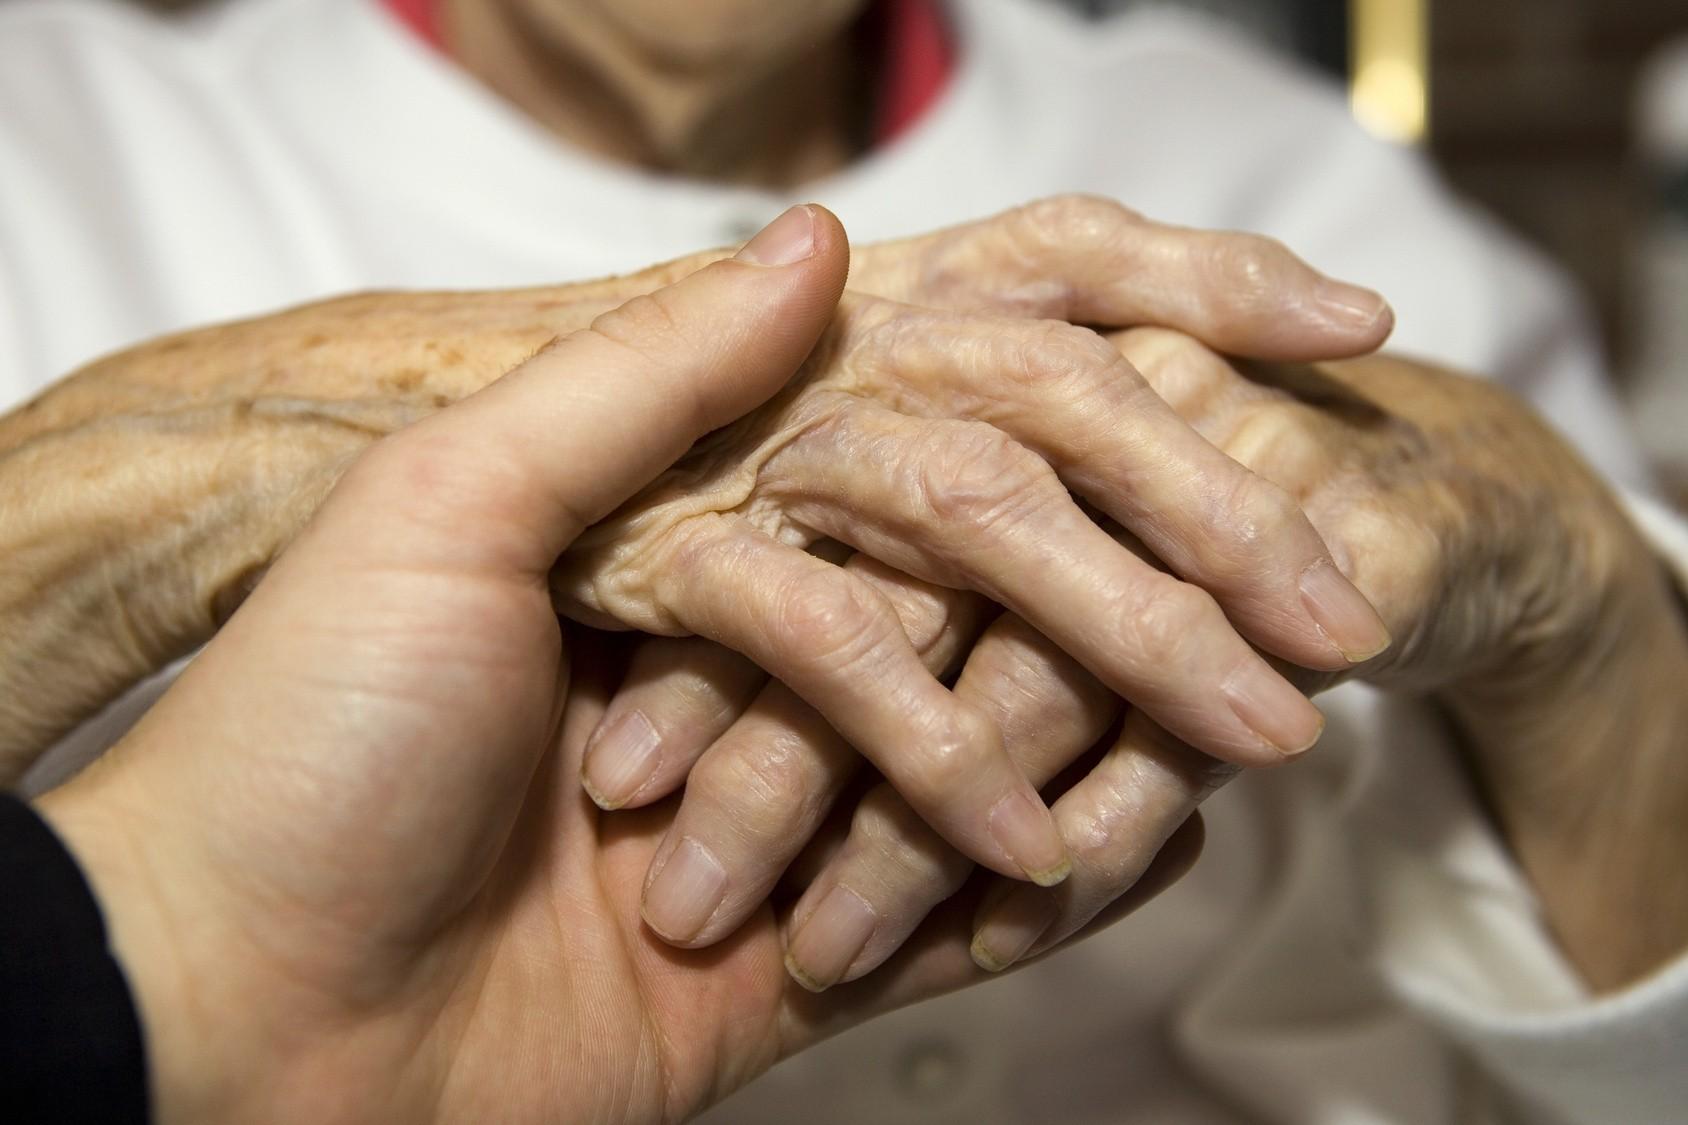 Igualdad cumple la recomendación del Síndic e indemnizan con 14.531 € a los herederos de una dependiente fallecida sin PIA